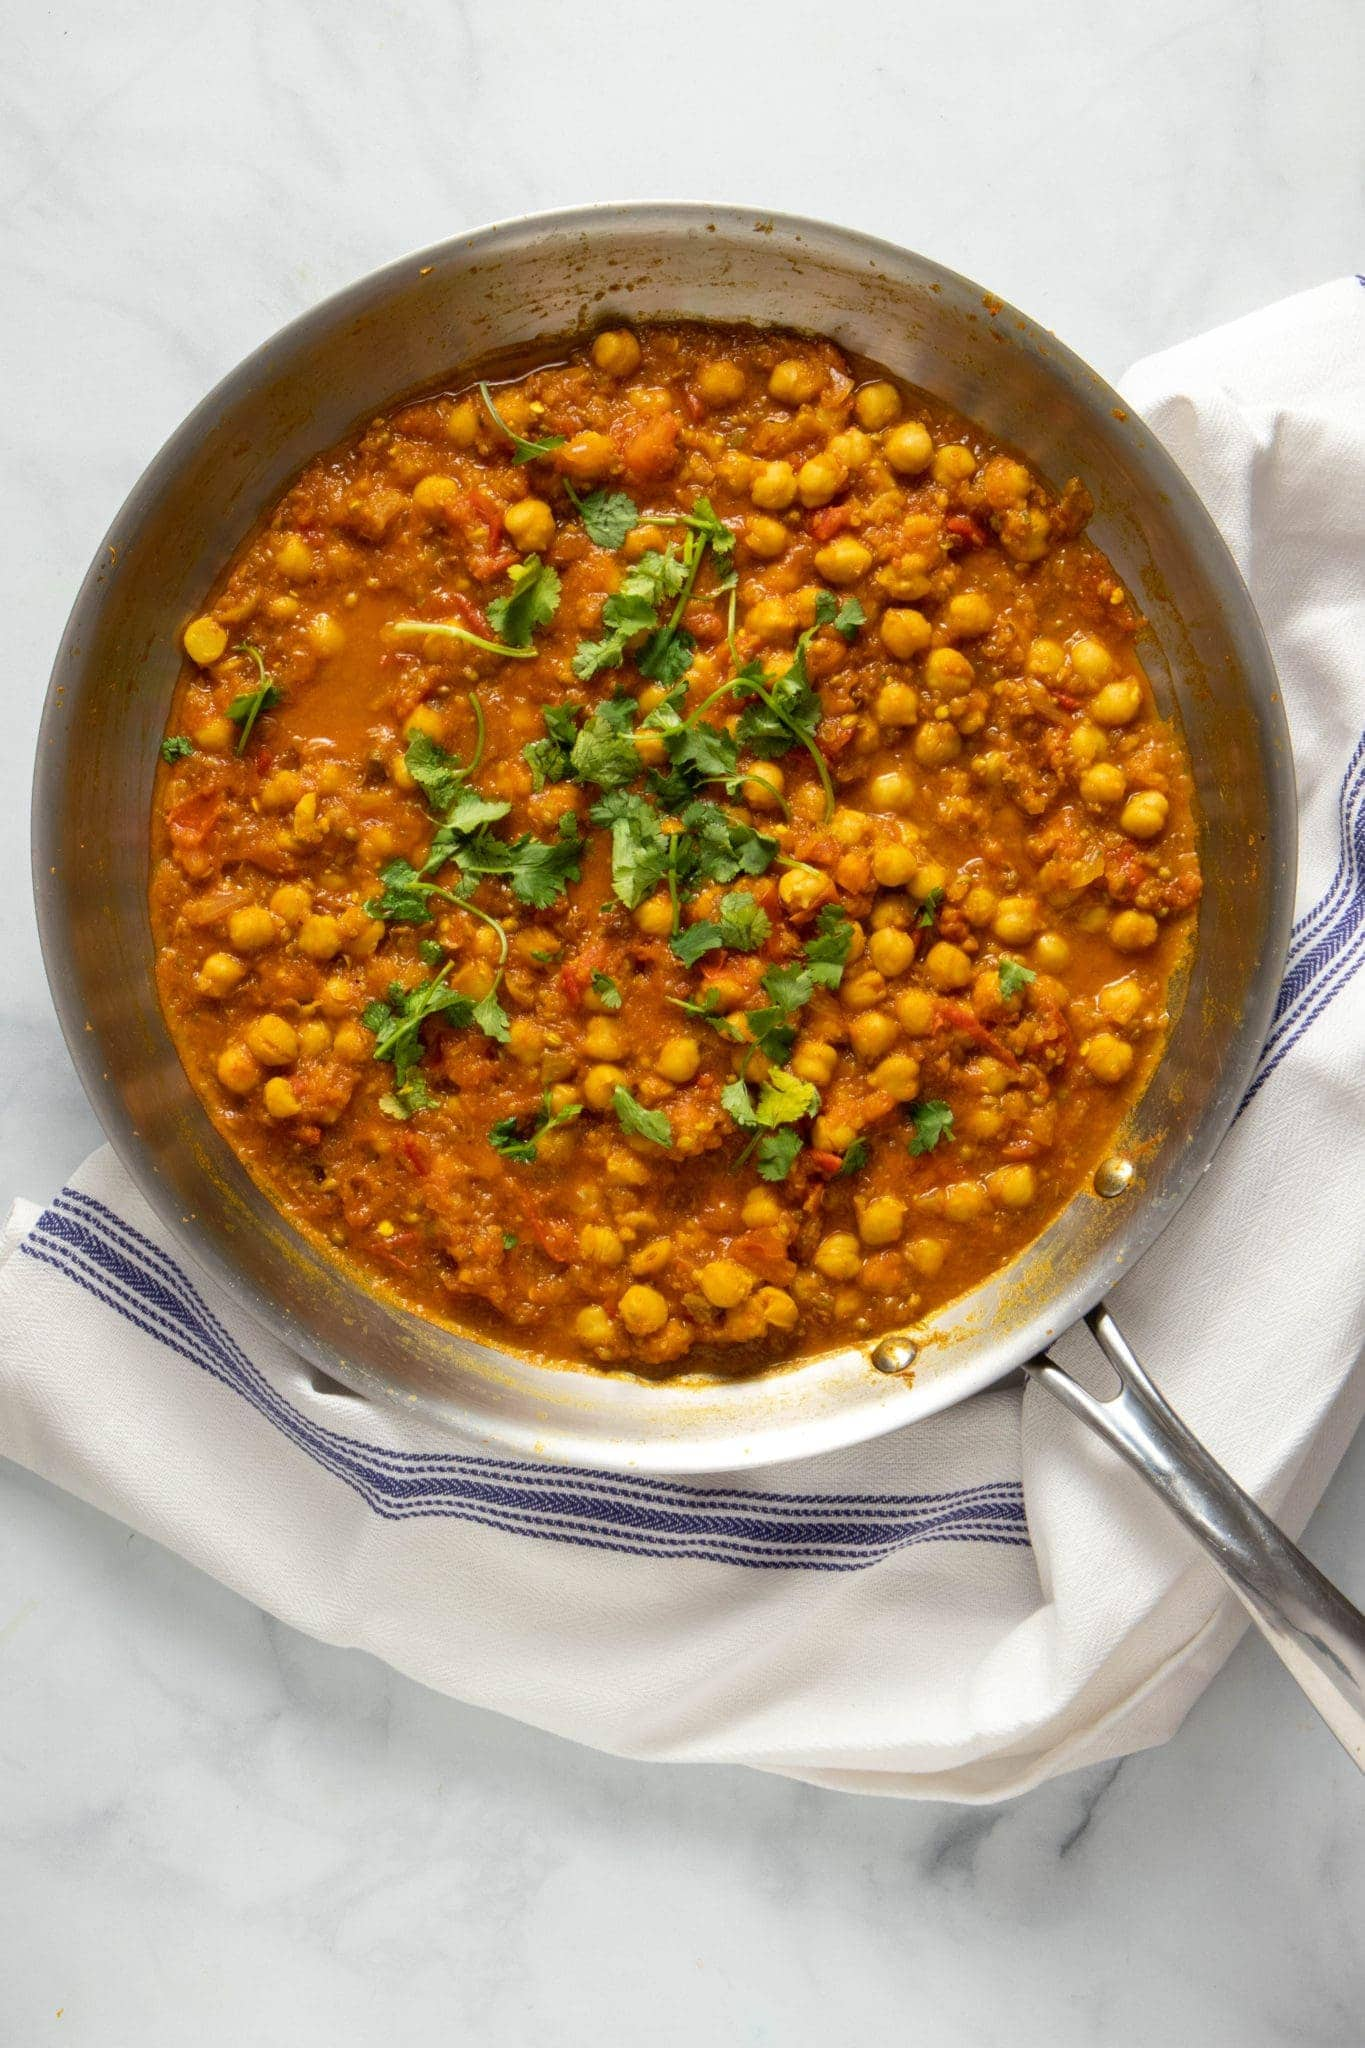 chickpea recipes - chana masala